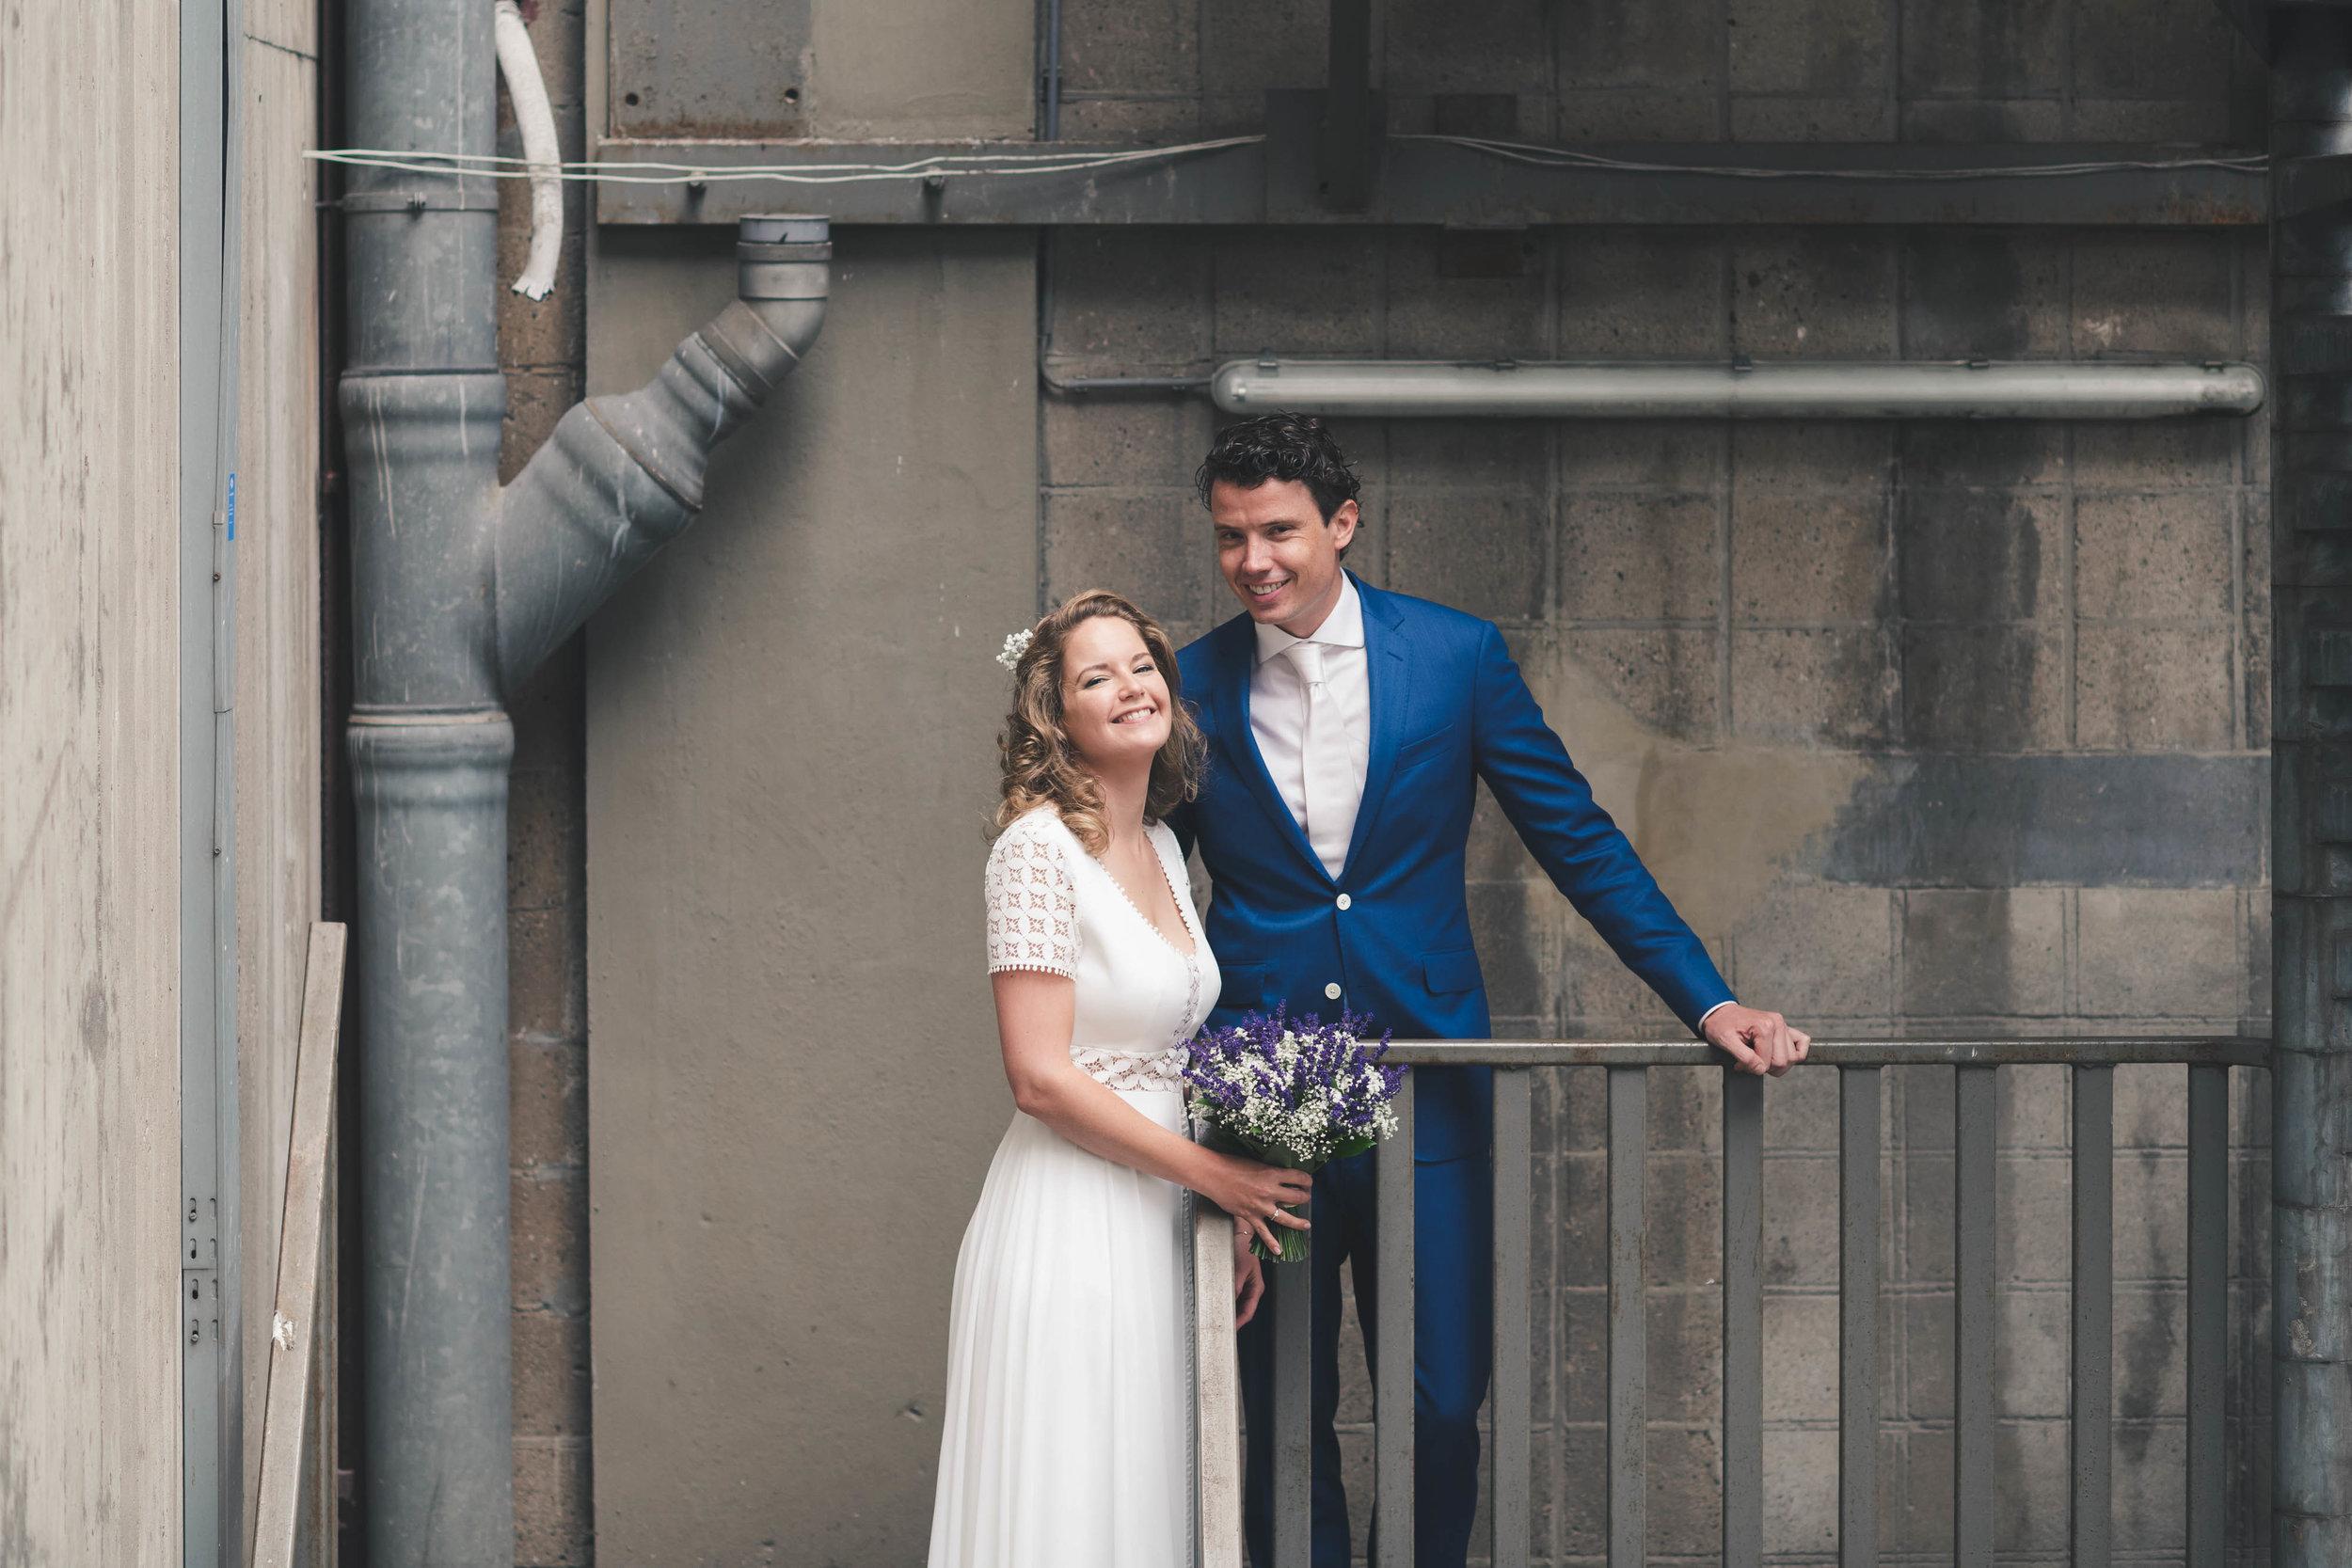 Voor de shoot van de bruid en bruidegom zijn we naar het industriele gebied rond de Maassilo te Rotterdam gegaan. Het is erg leuk om op een bruiloft een momentje te reserveren met het bruidspaar om wat mooie foto's te maken.